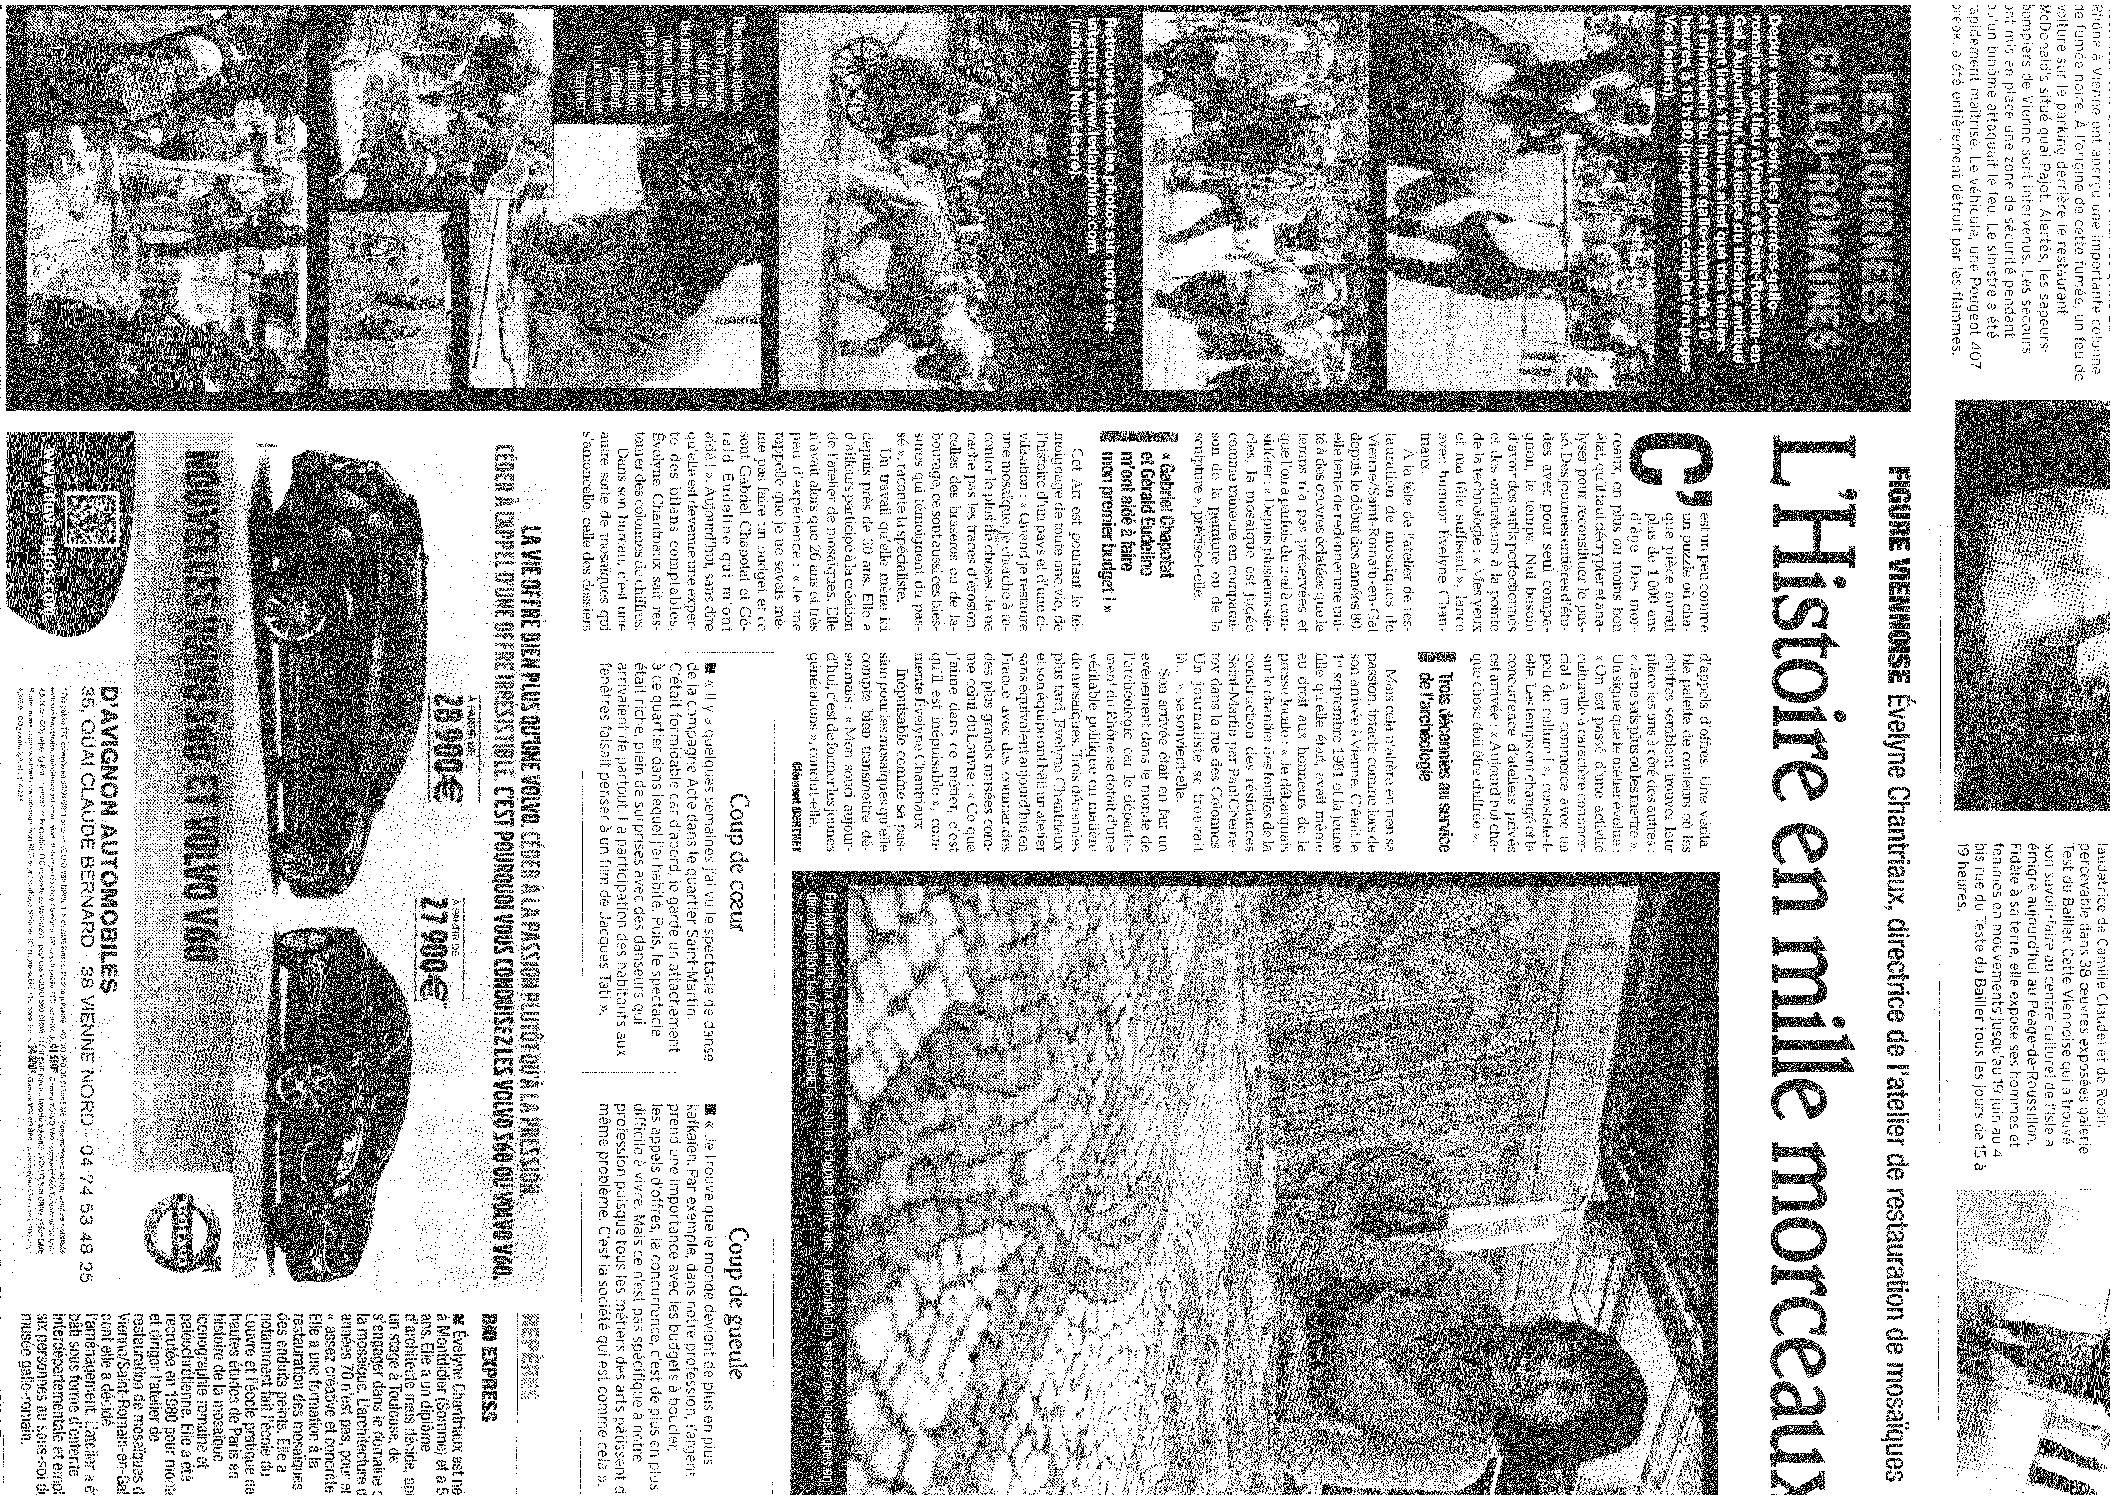 Le Dauphiné Libéré (dimanche 5 juin 2011. Page9)